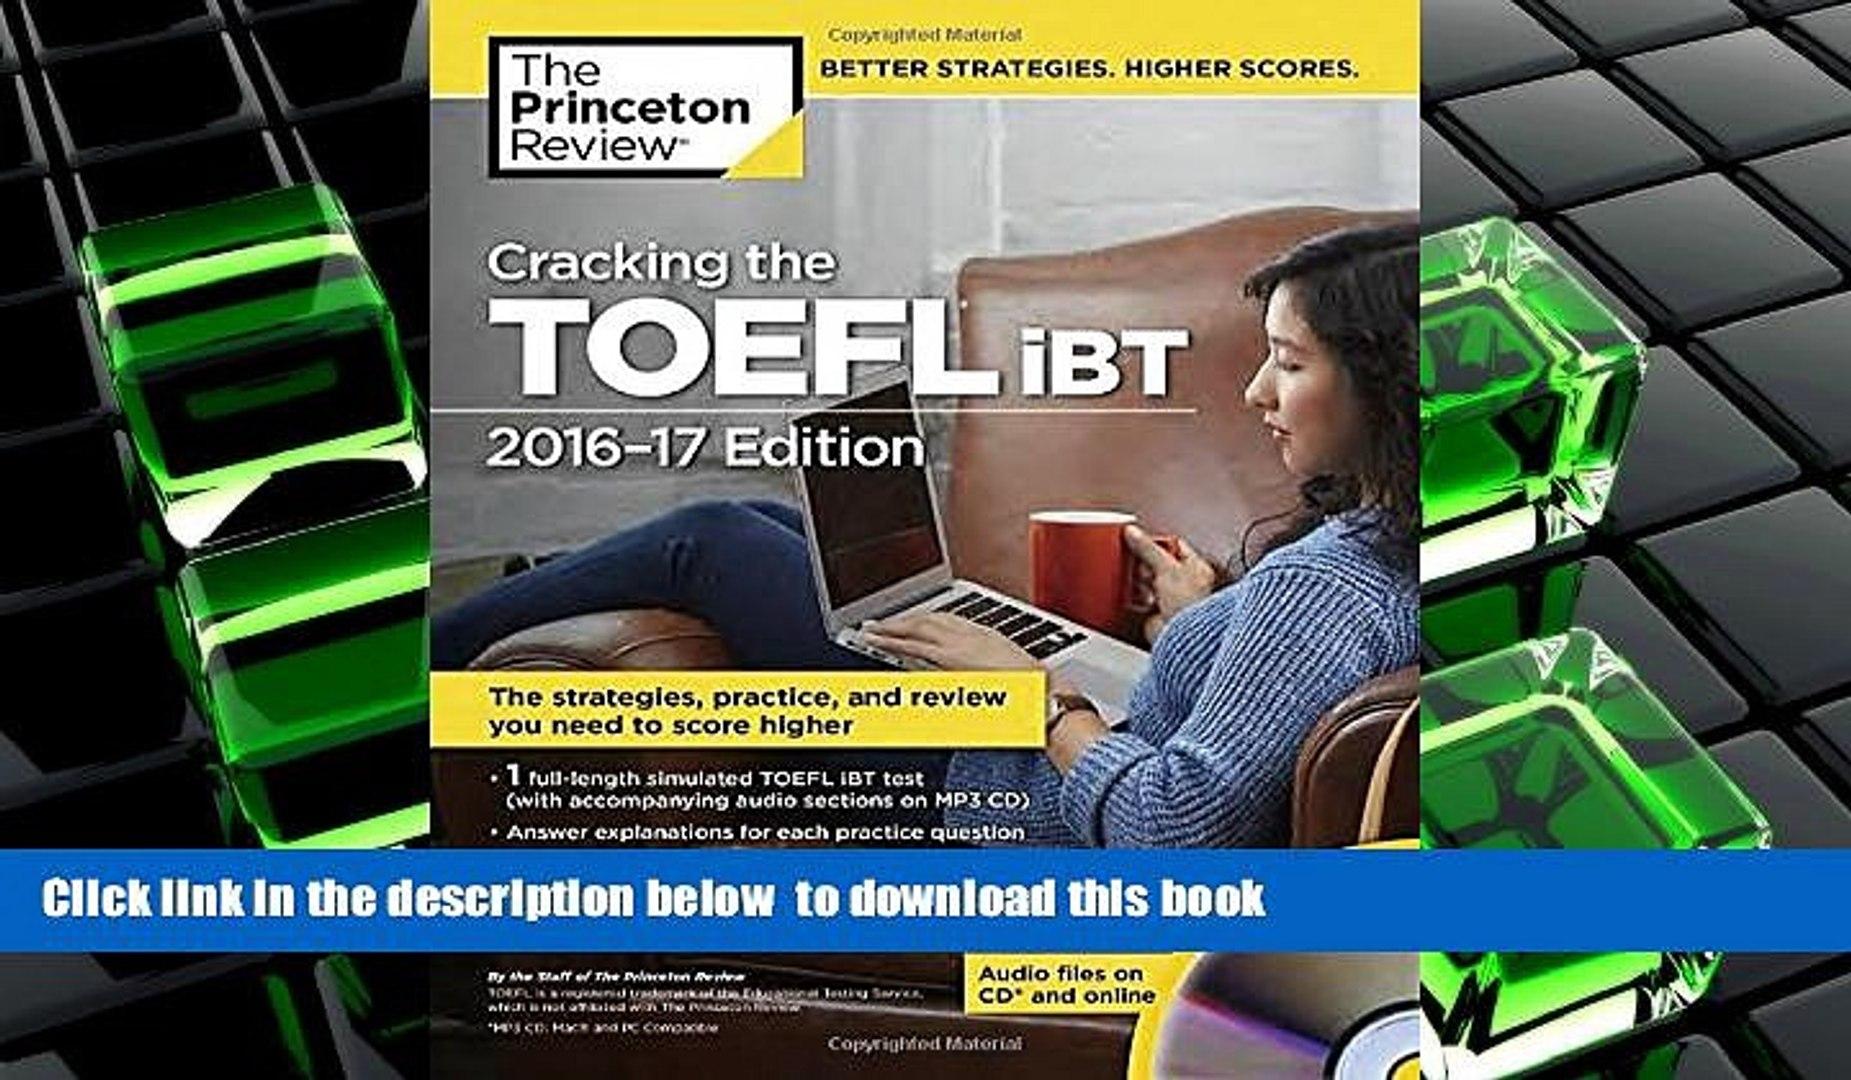 cracking the toefl ibt 2015 pdf free download